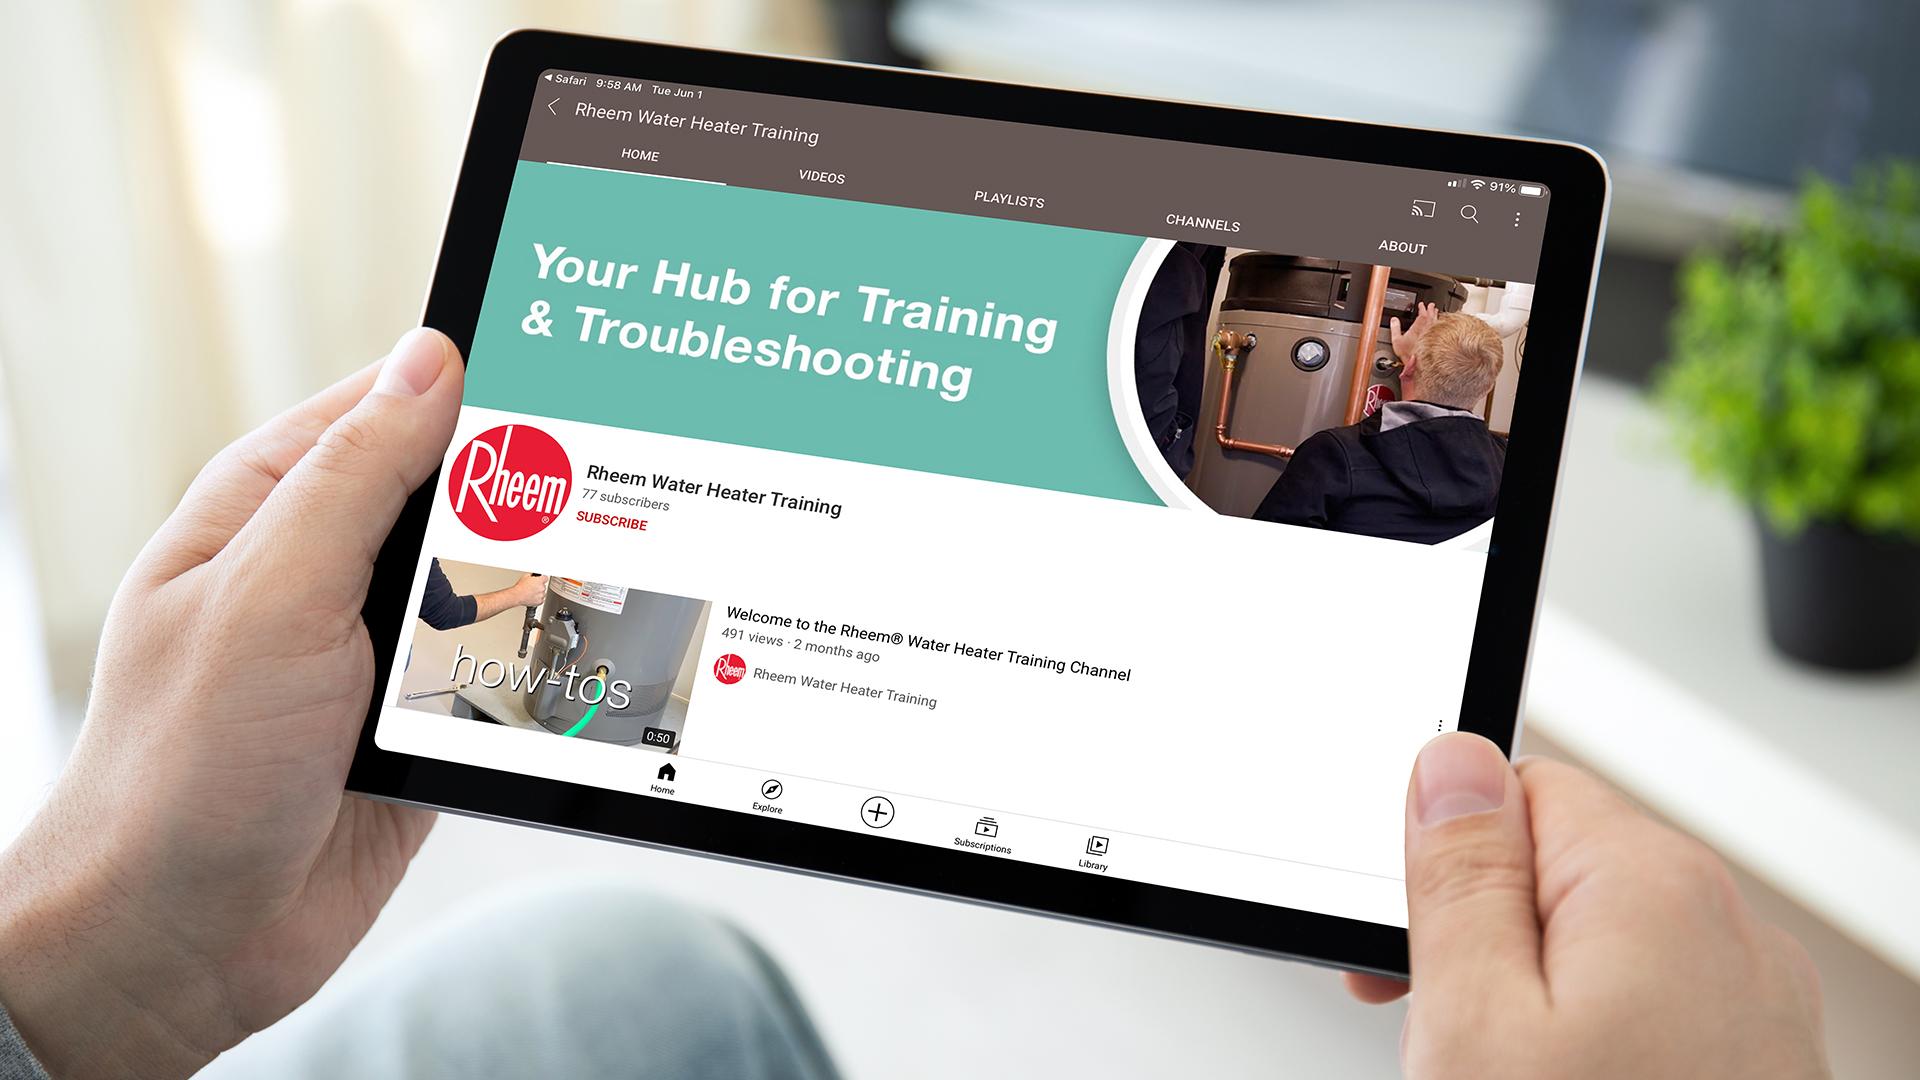 Rheem Water Heater Training YouTube channel